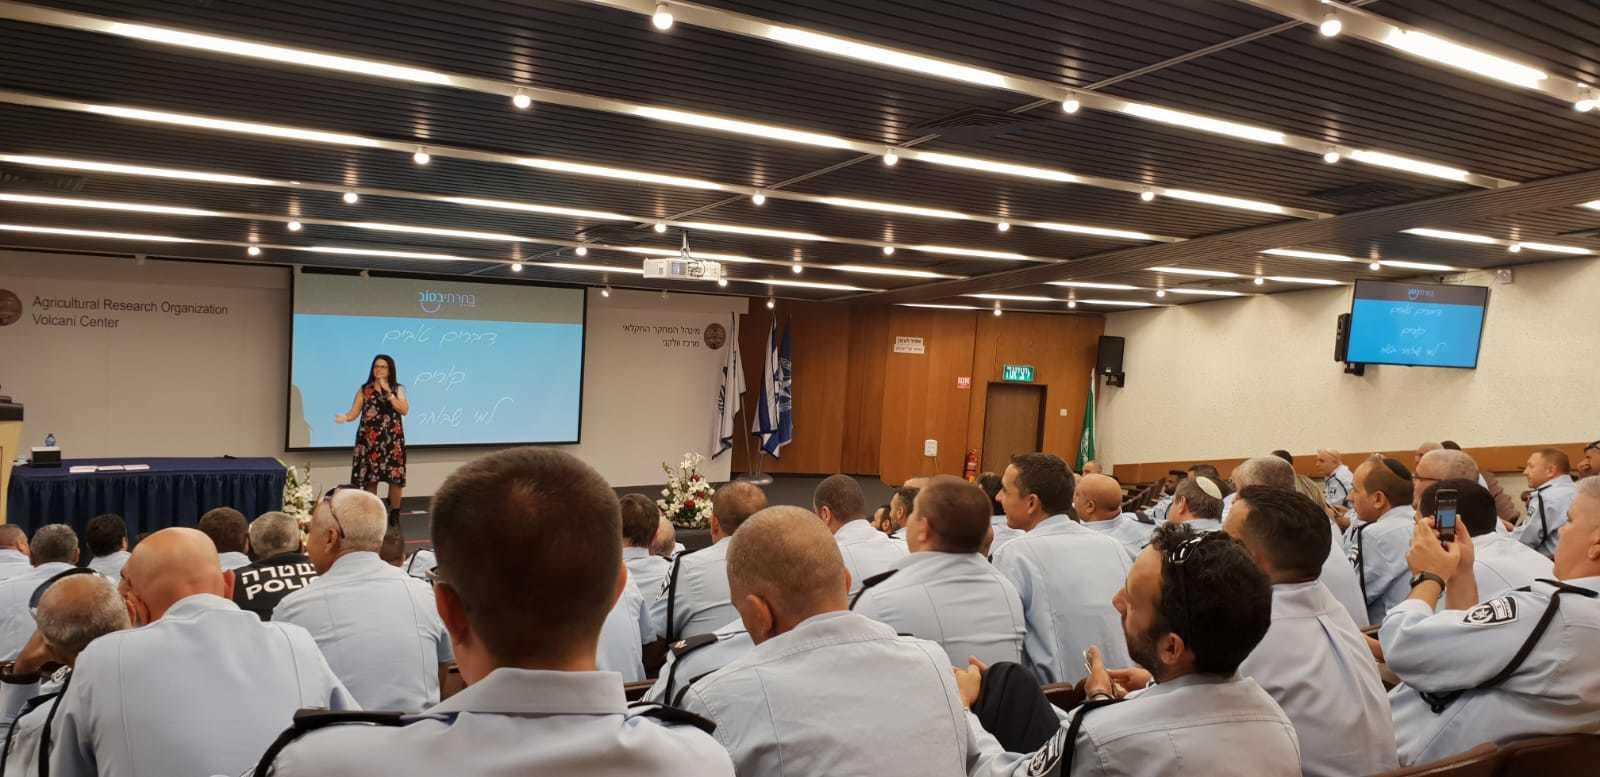 הרצאות מעניינות - משטרת ישראל